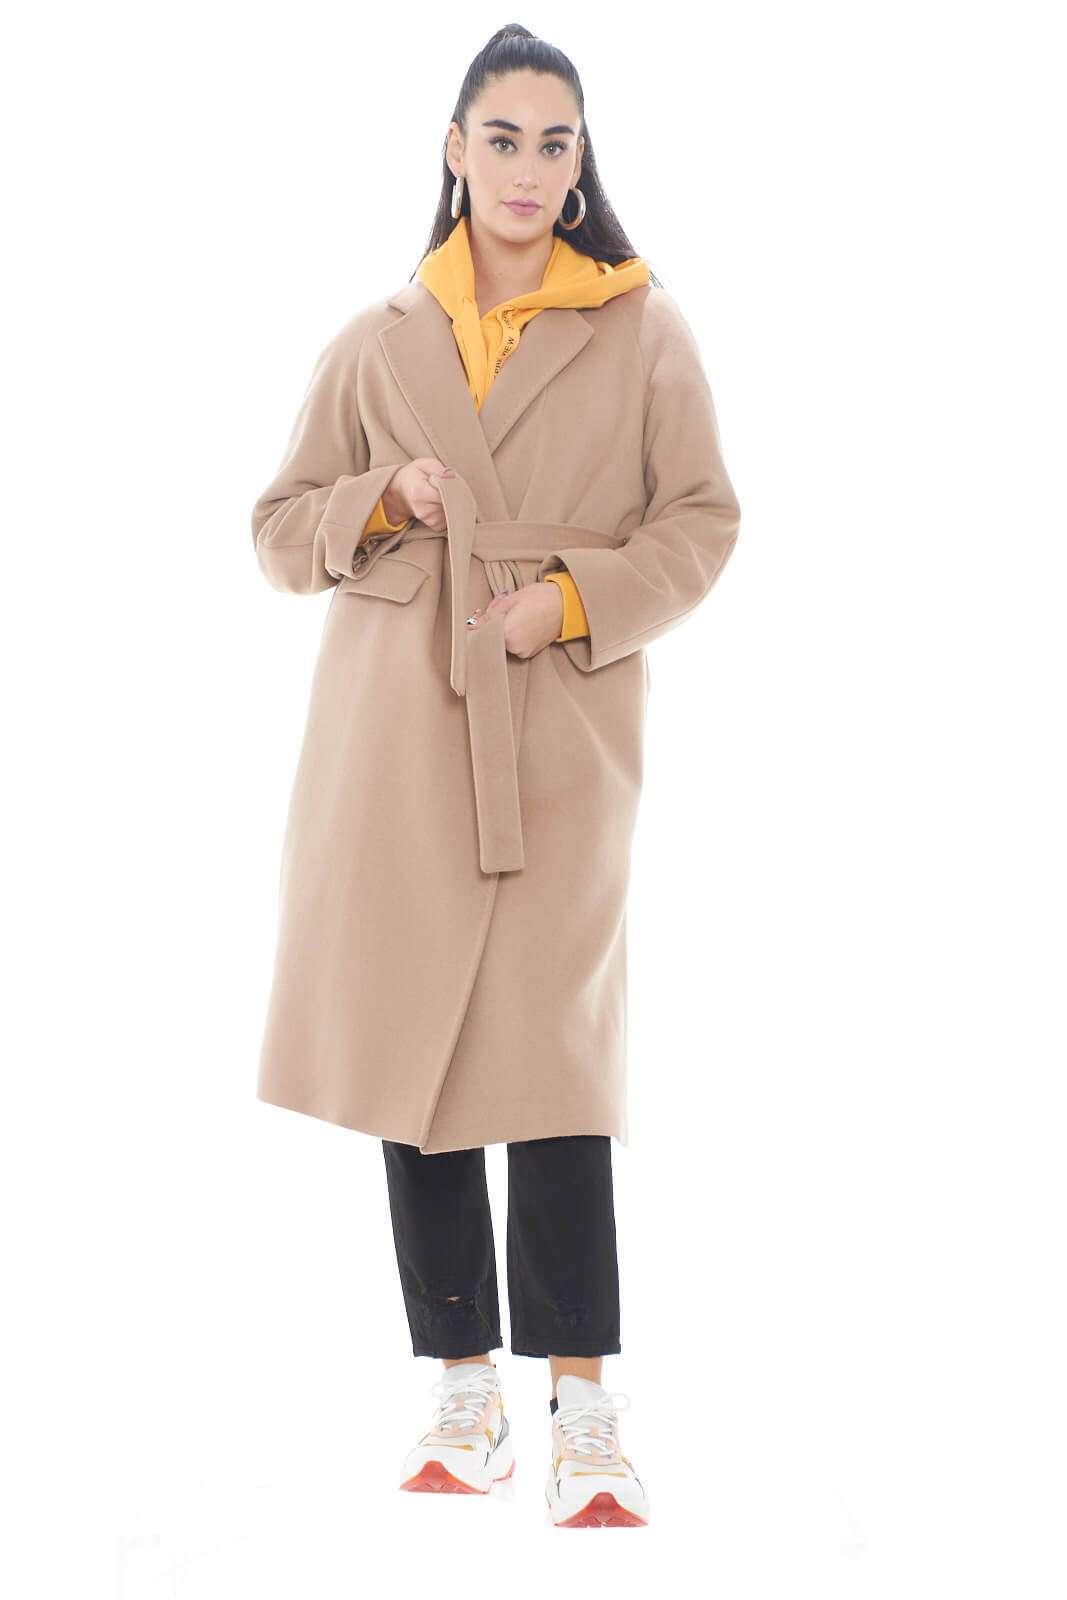 Un cappotto dal look classico e intramontabile, perfetto per uno stile evergreen, quello firmato One. Realizzato in lana vergine, per assicurare comfort e protezione dal freddo invernale, sarà il tocco finale perfetto per ogni outfit, formale e non.  La modella è alta 1,78m e indossala taglia 42.